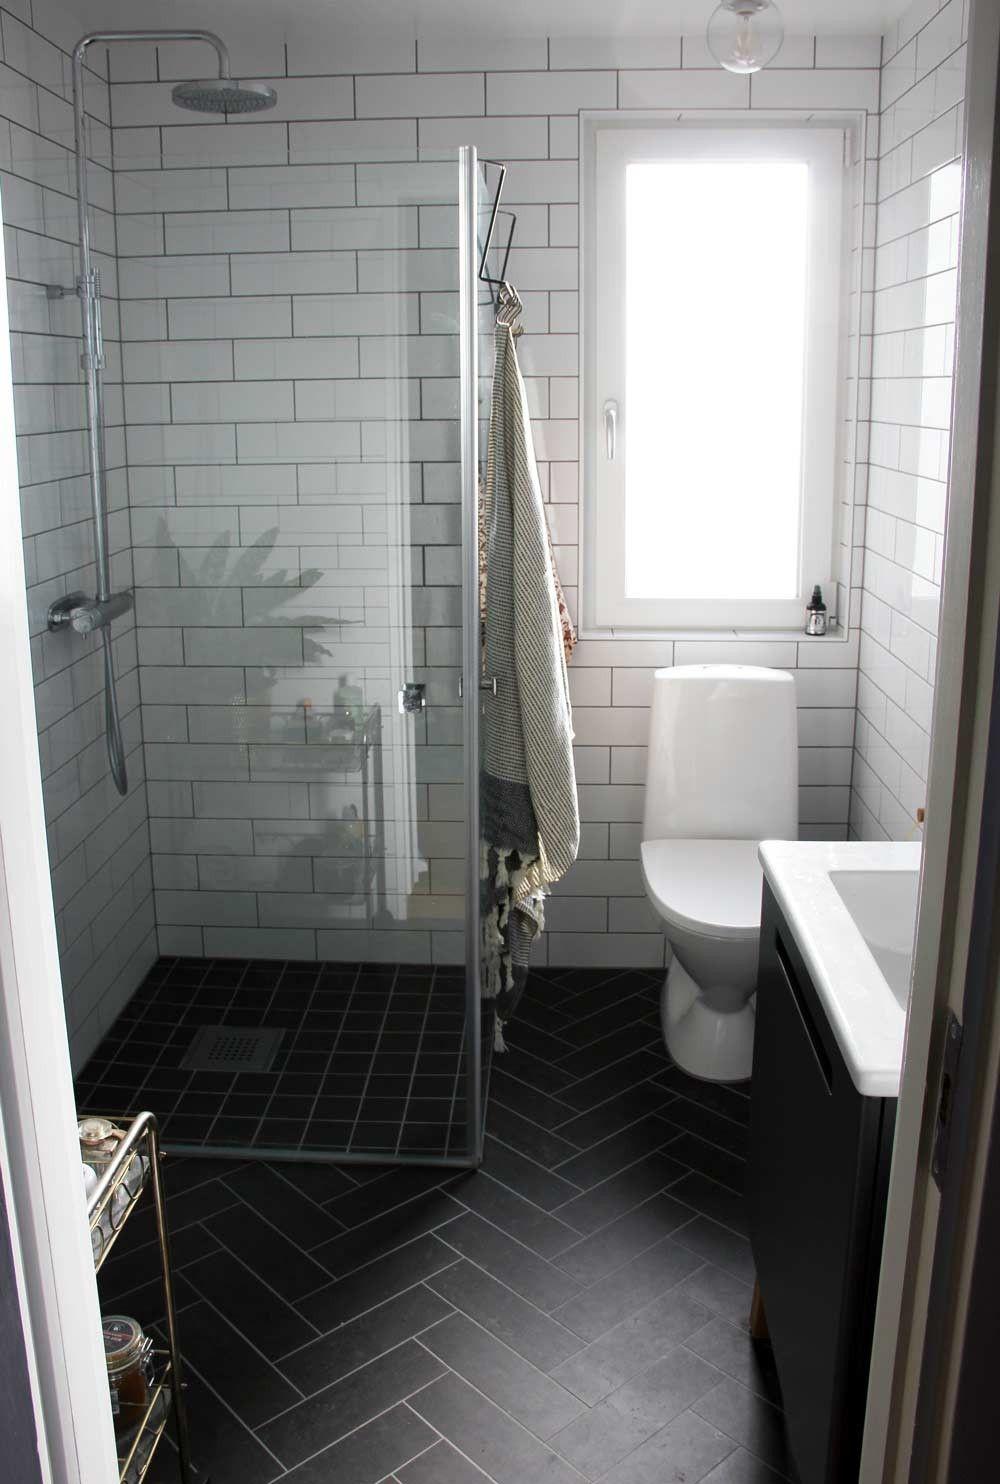 Salle De Bain Synonyme Meilleur De Images épinglé Par Roger Junior Sur Small Bathroom Pinterest